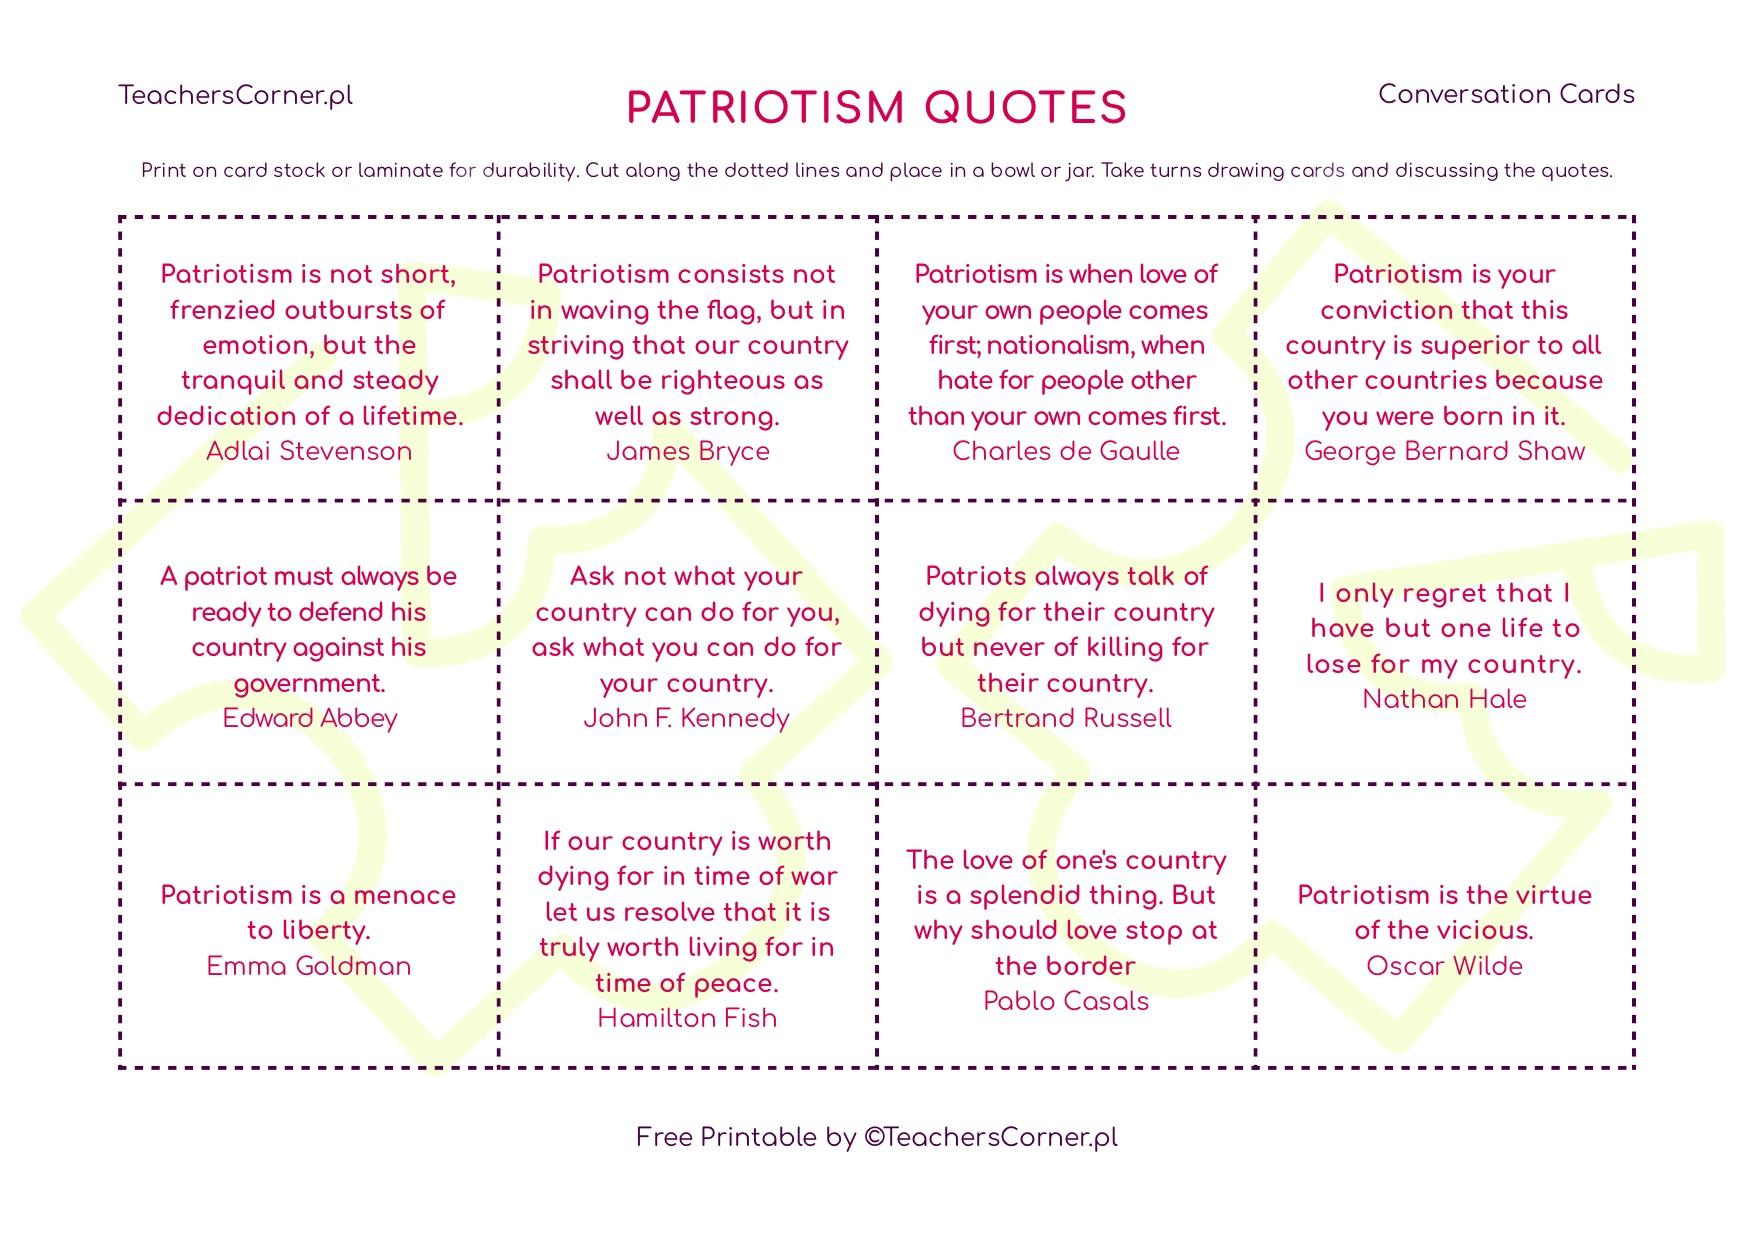 Conversation Cards - Patriotism